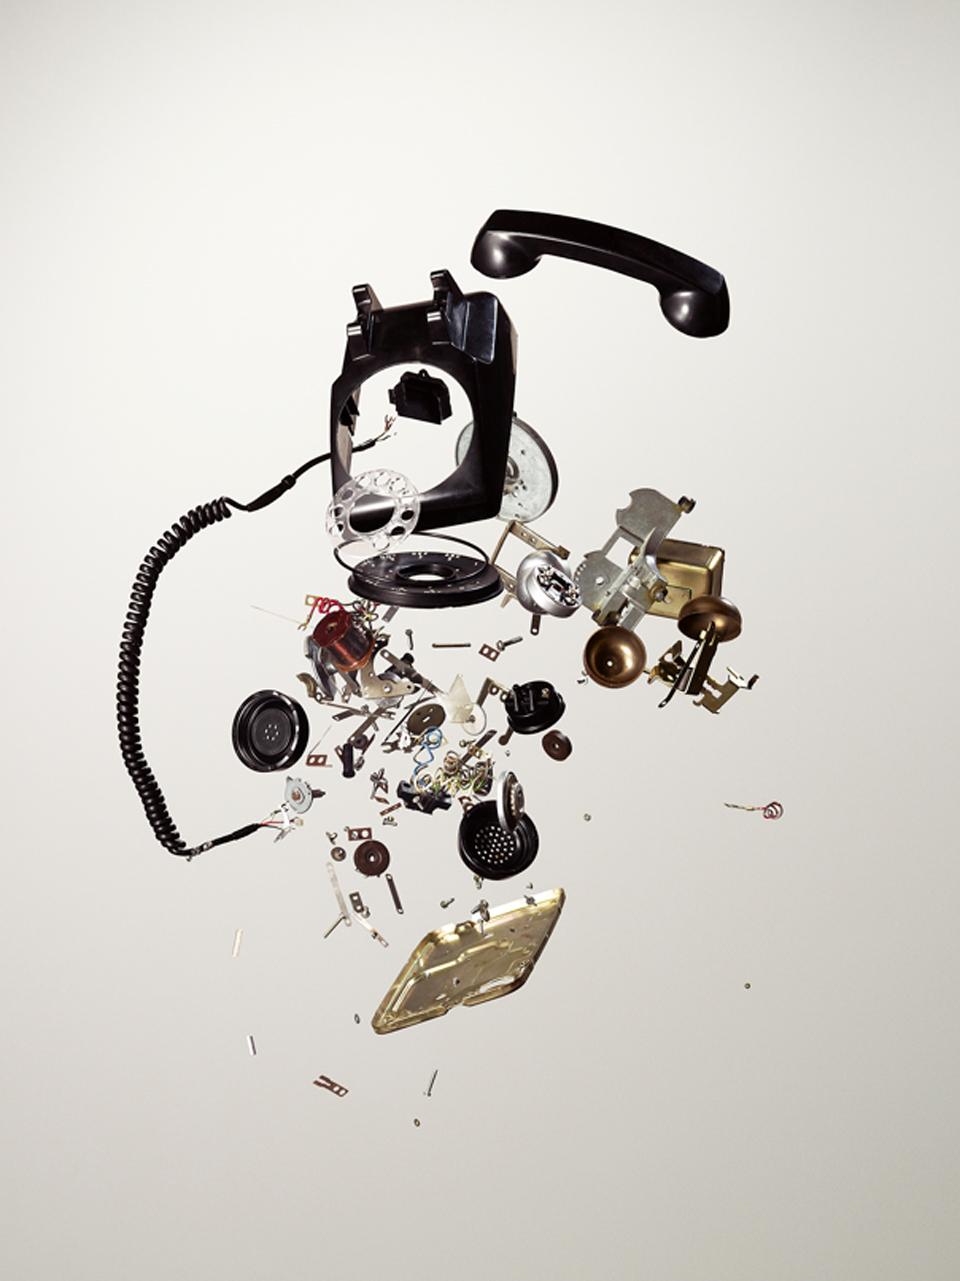 série fotográfica things come apart 50 objetos desmontados em